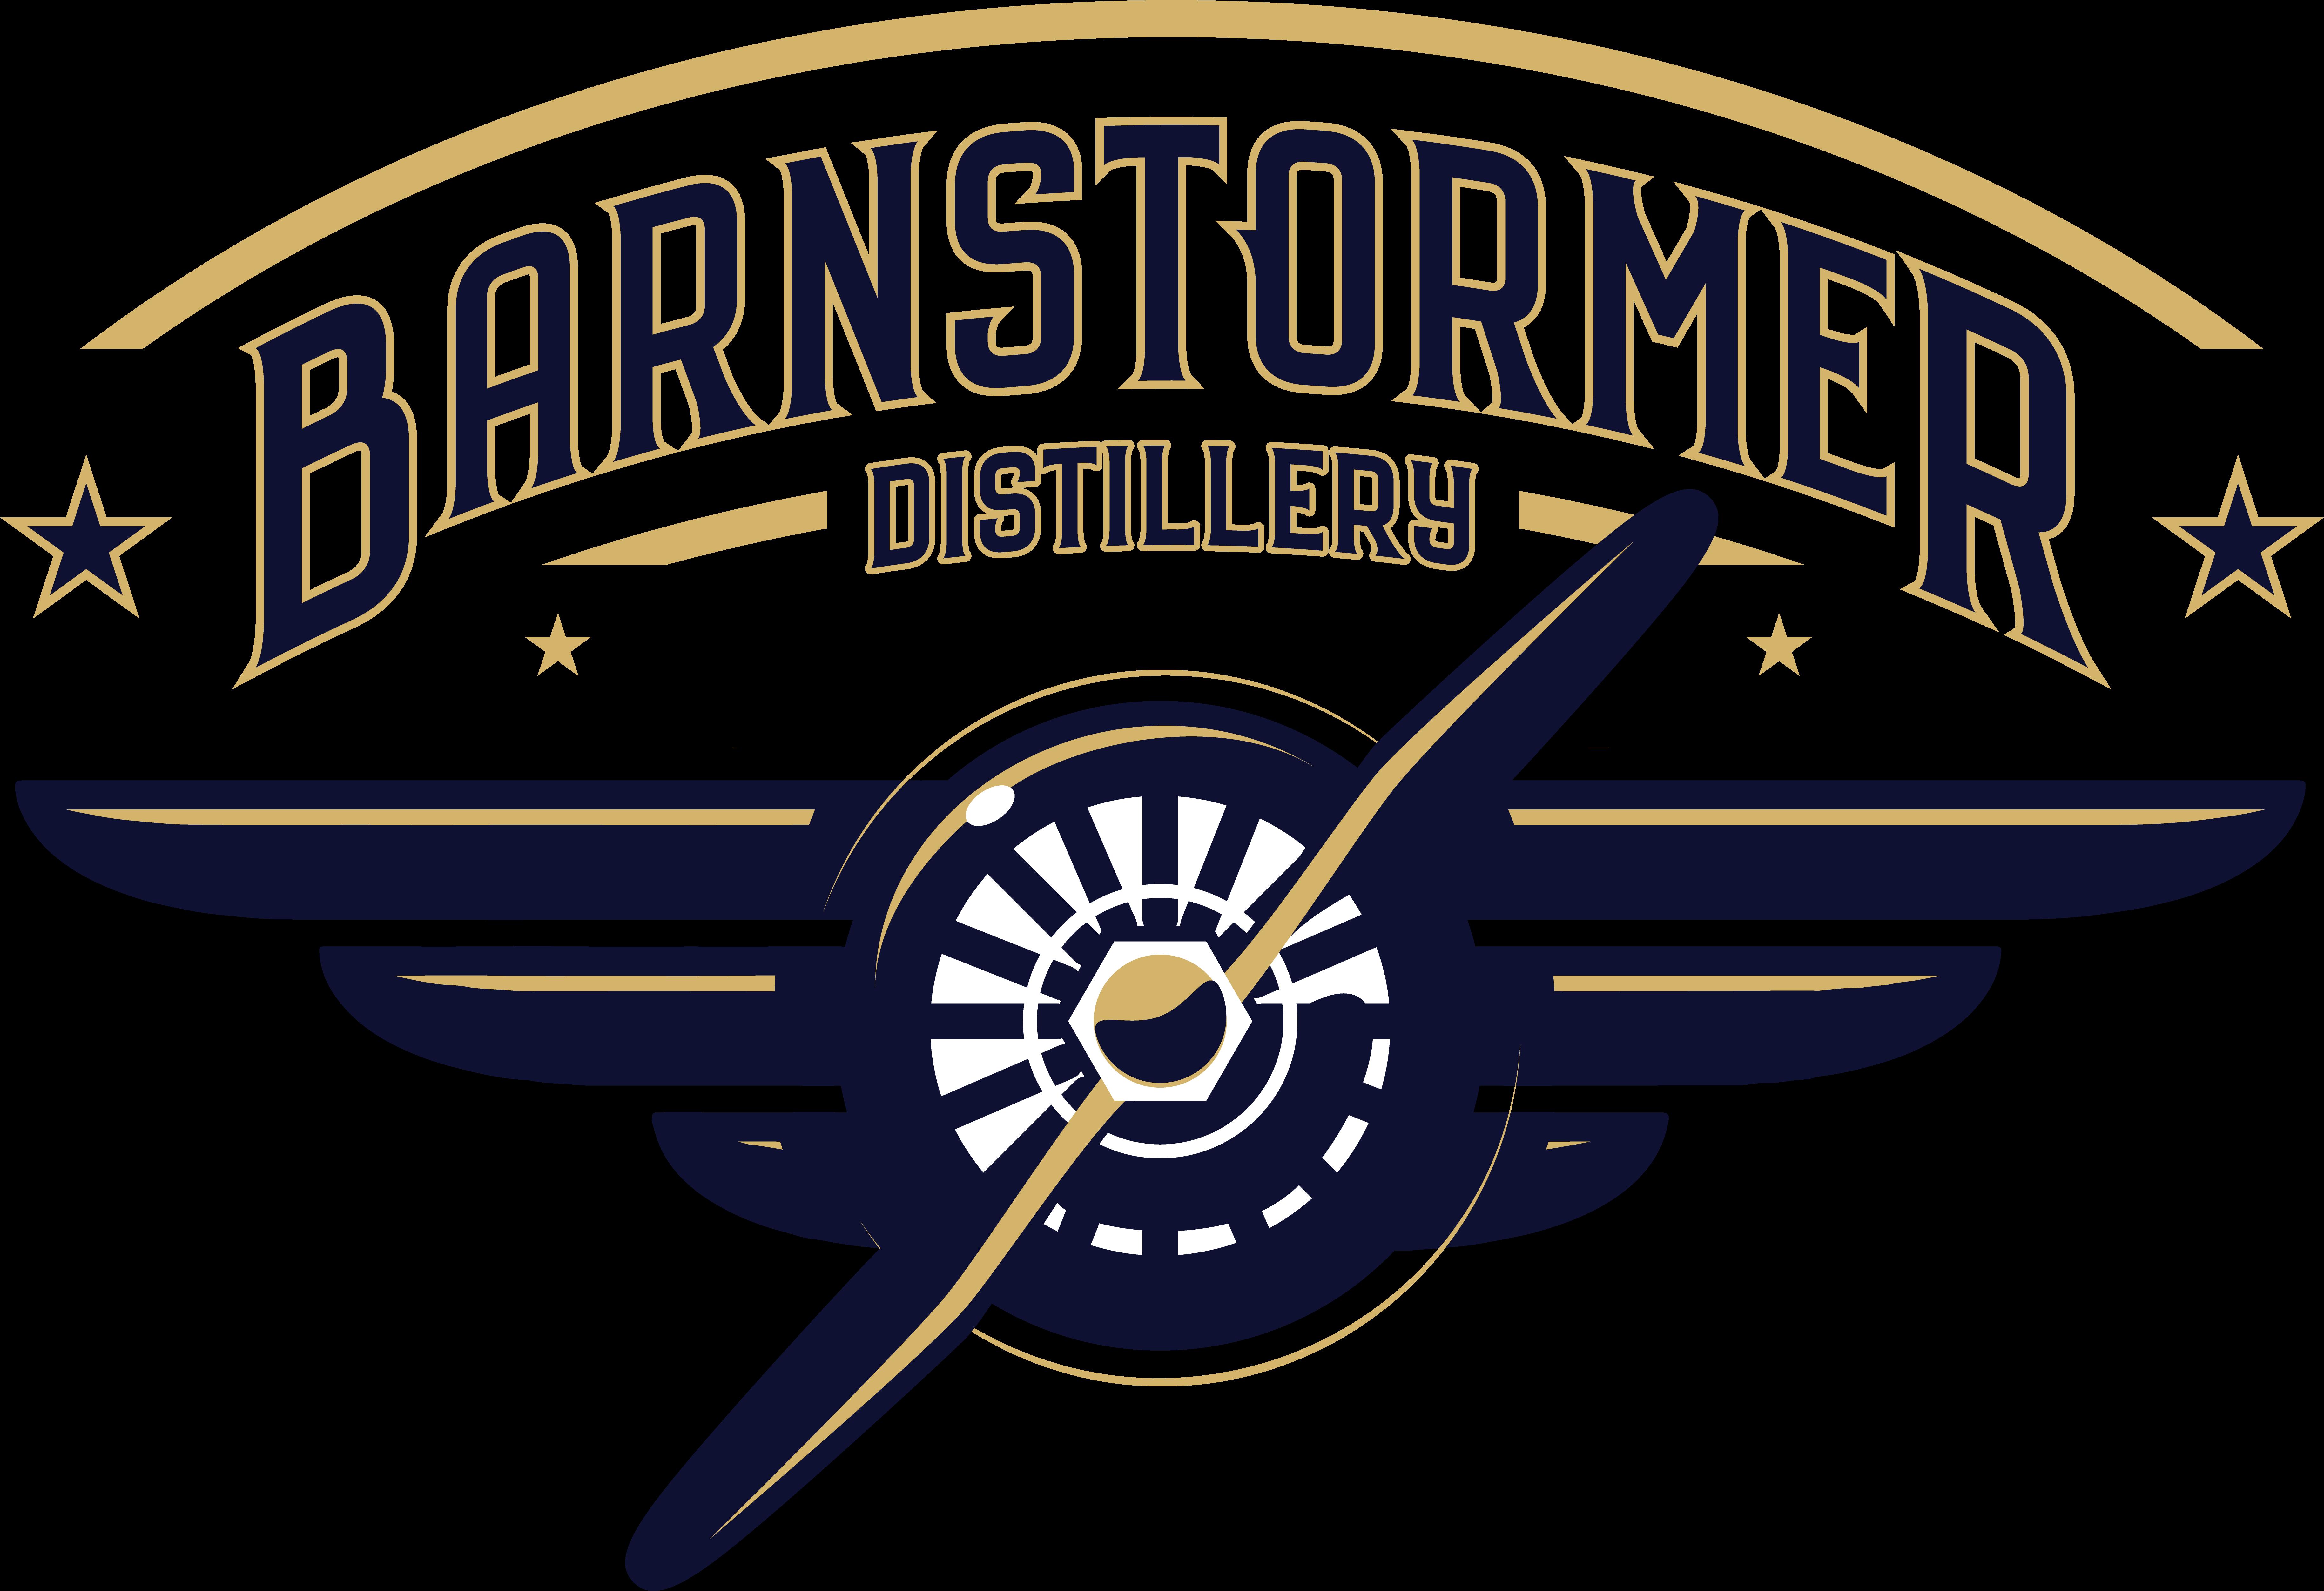 Barnstormer Distillery